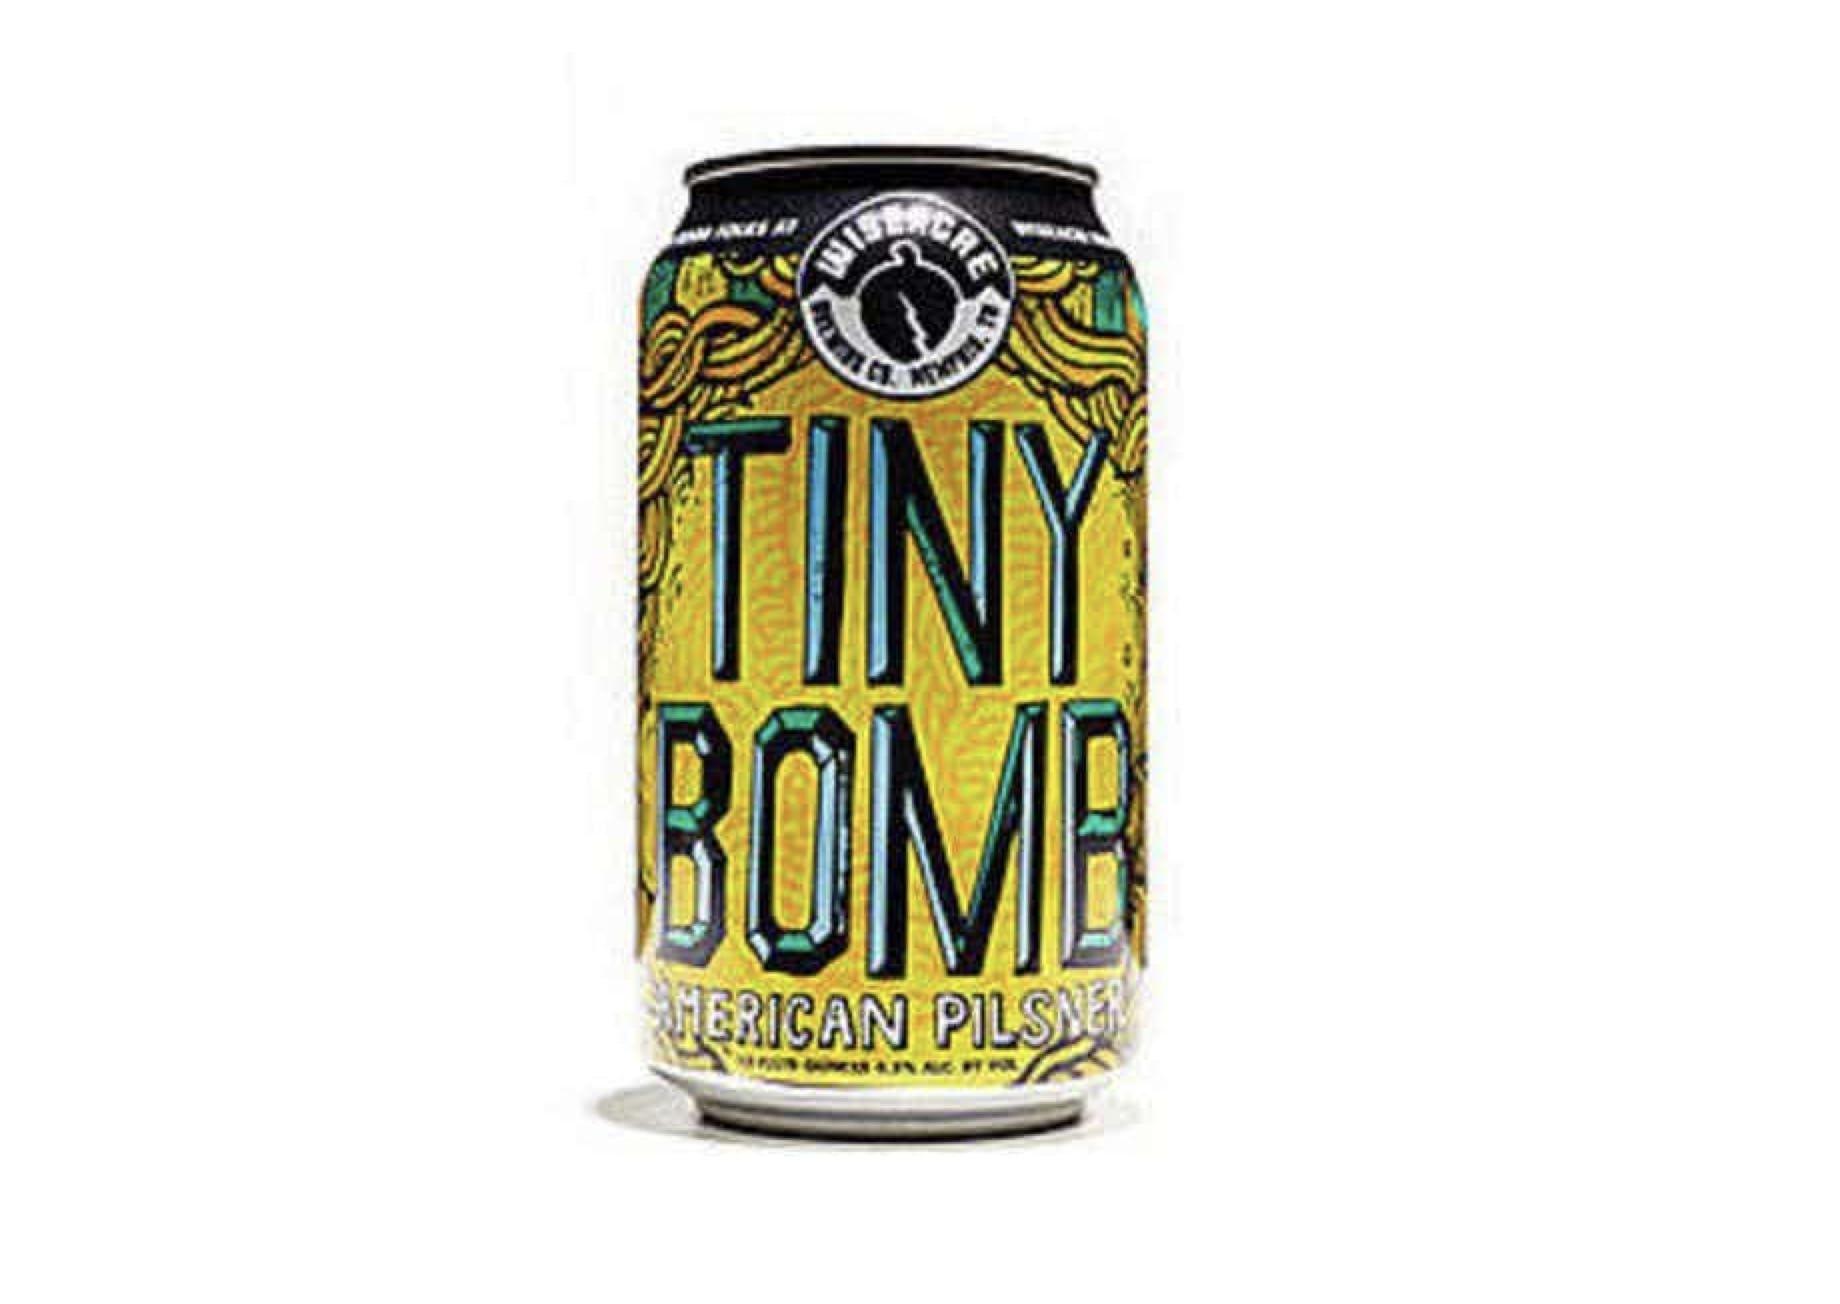 Wiseacre Tiny Bomb